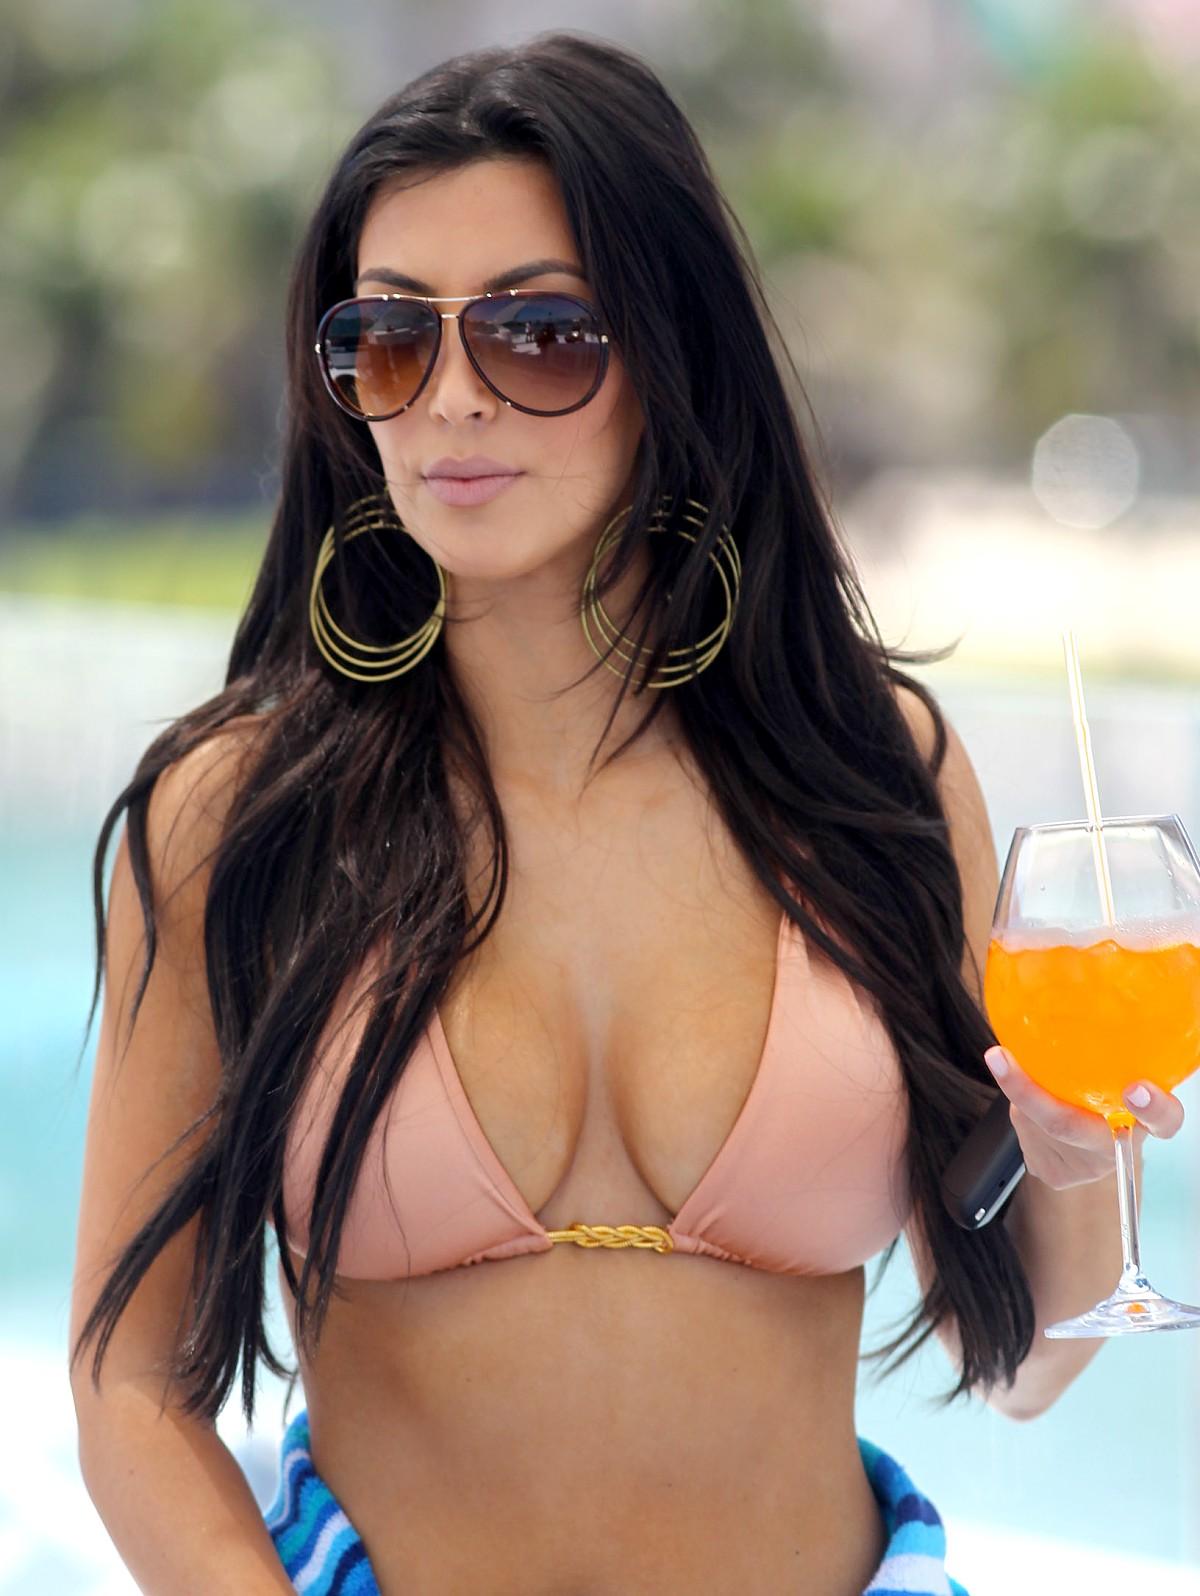 kim kardashian bikni Photo